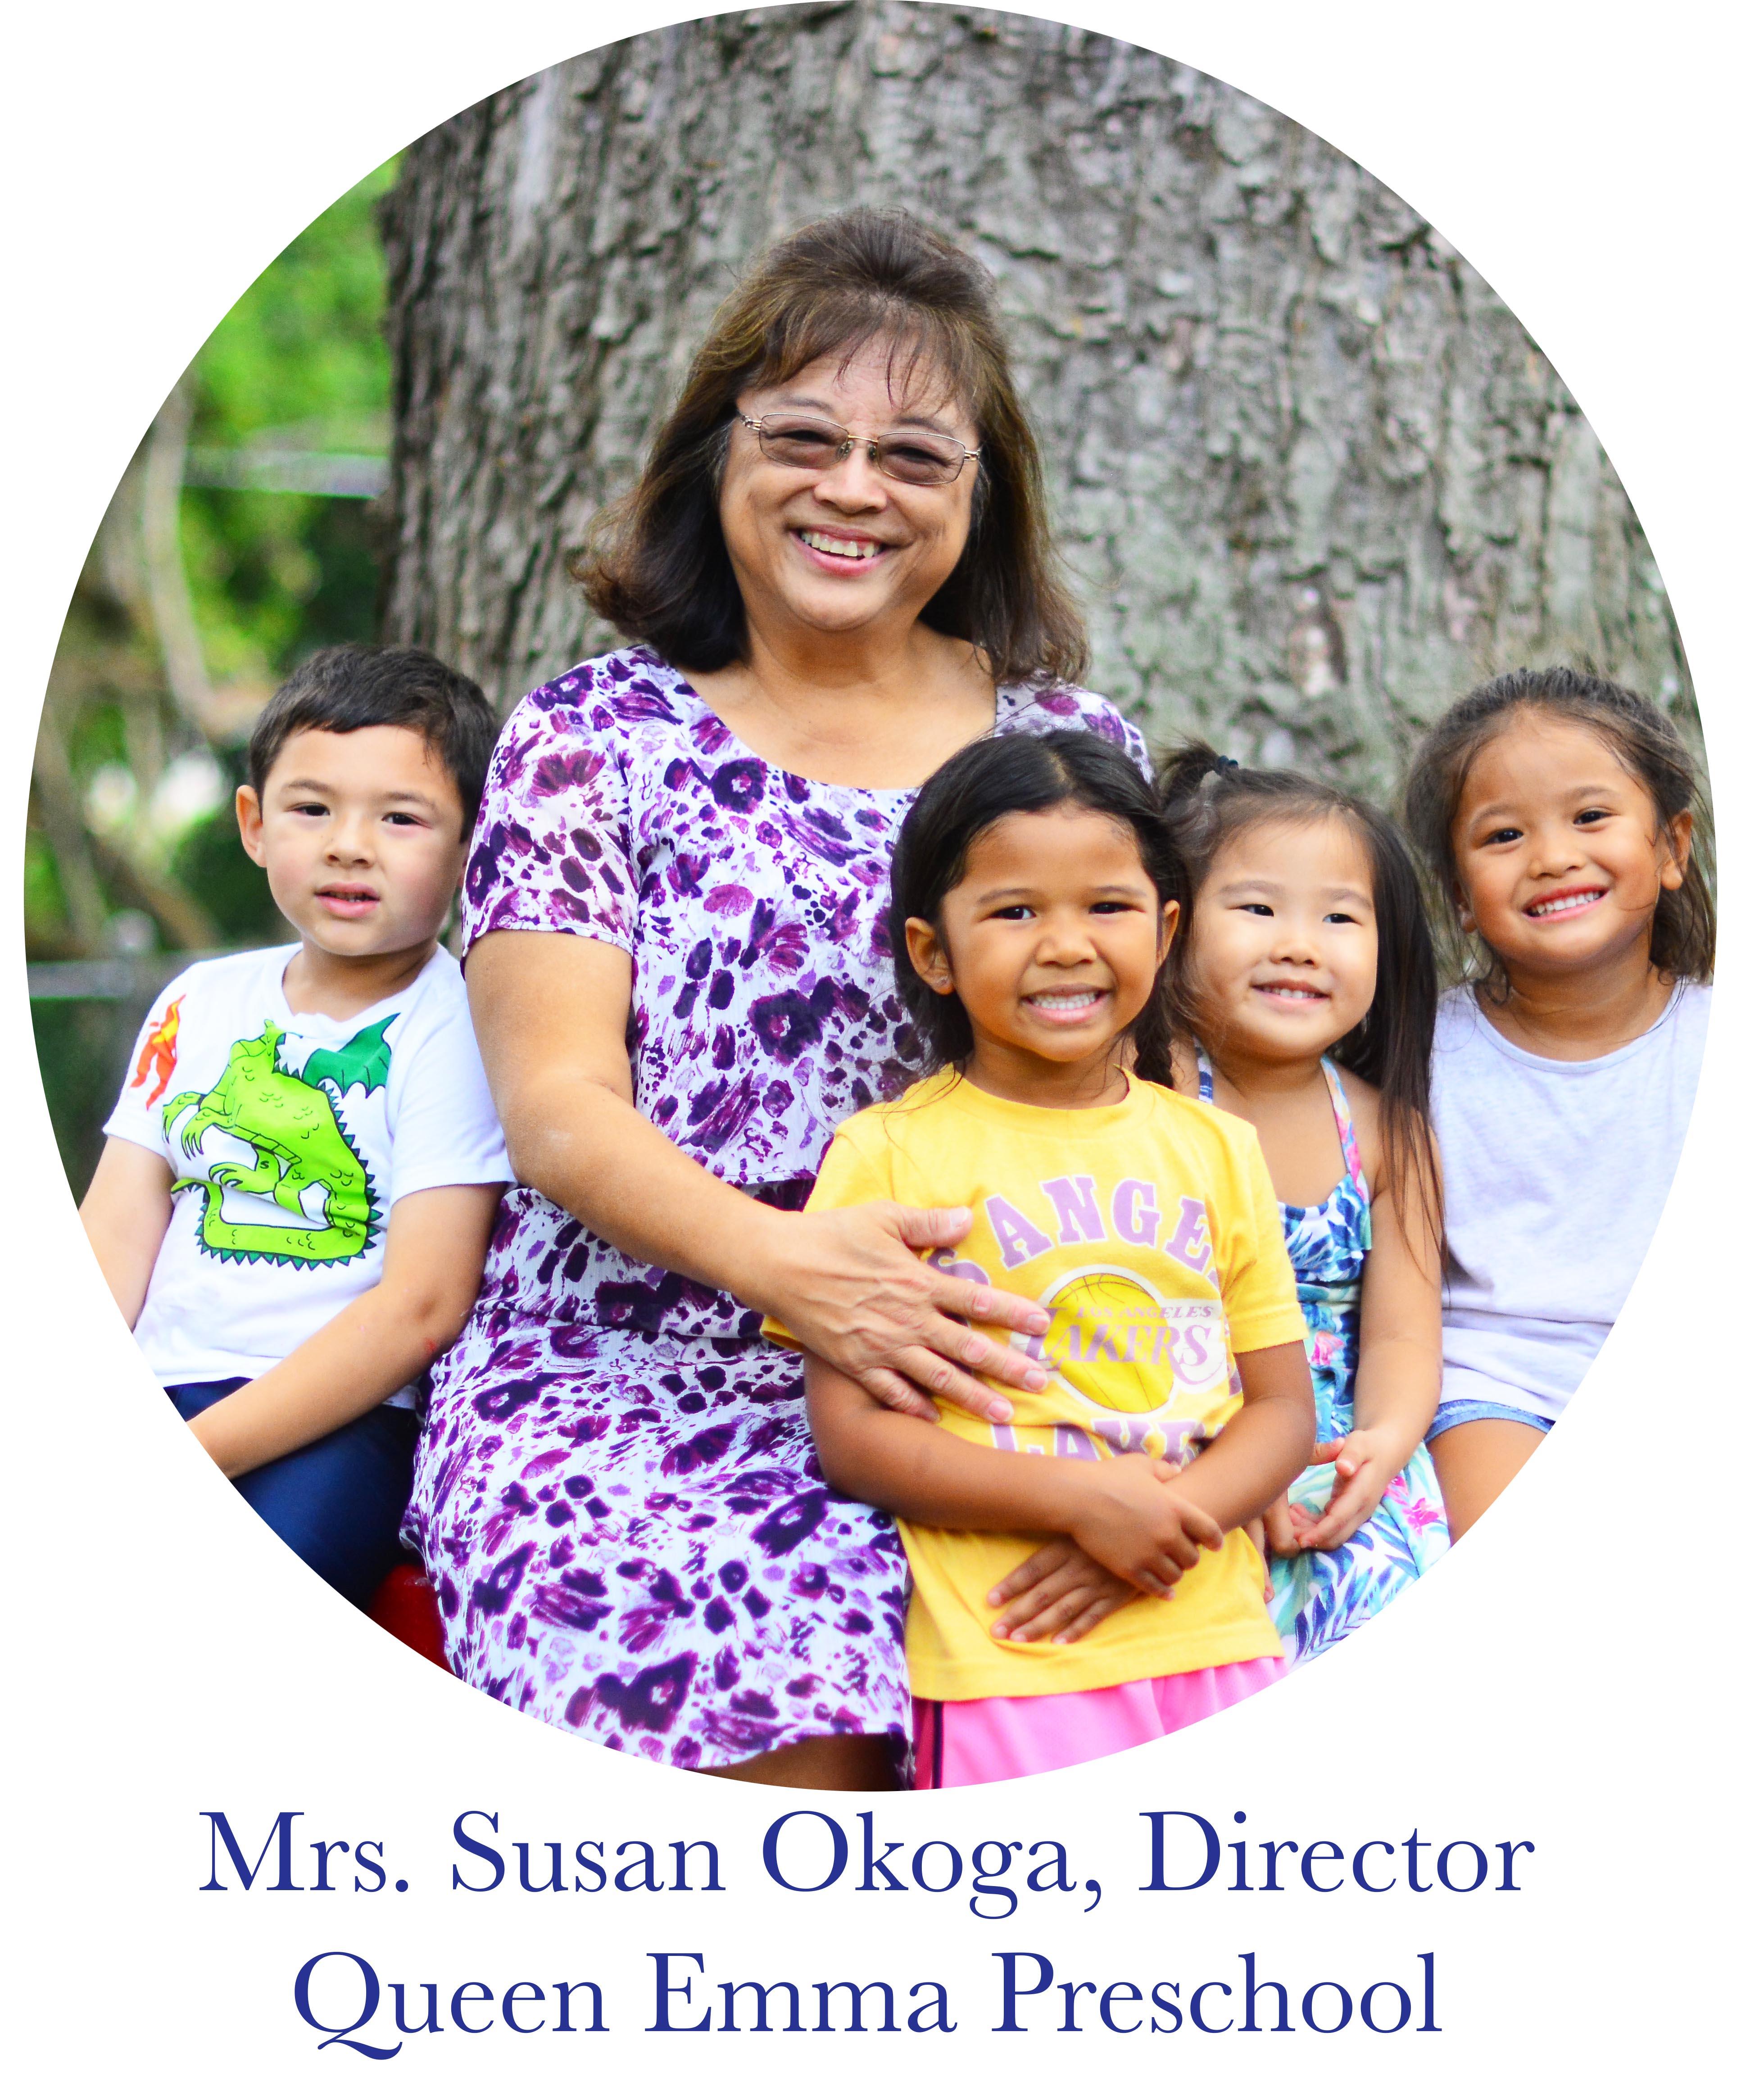 bffd8f0ab Queen Emma Preschool - St. Andrew's Schools